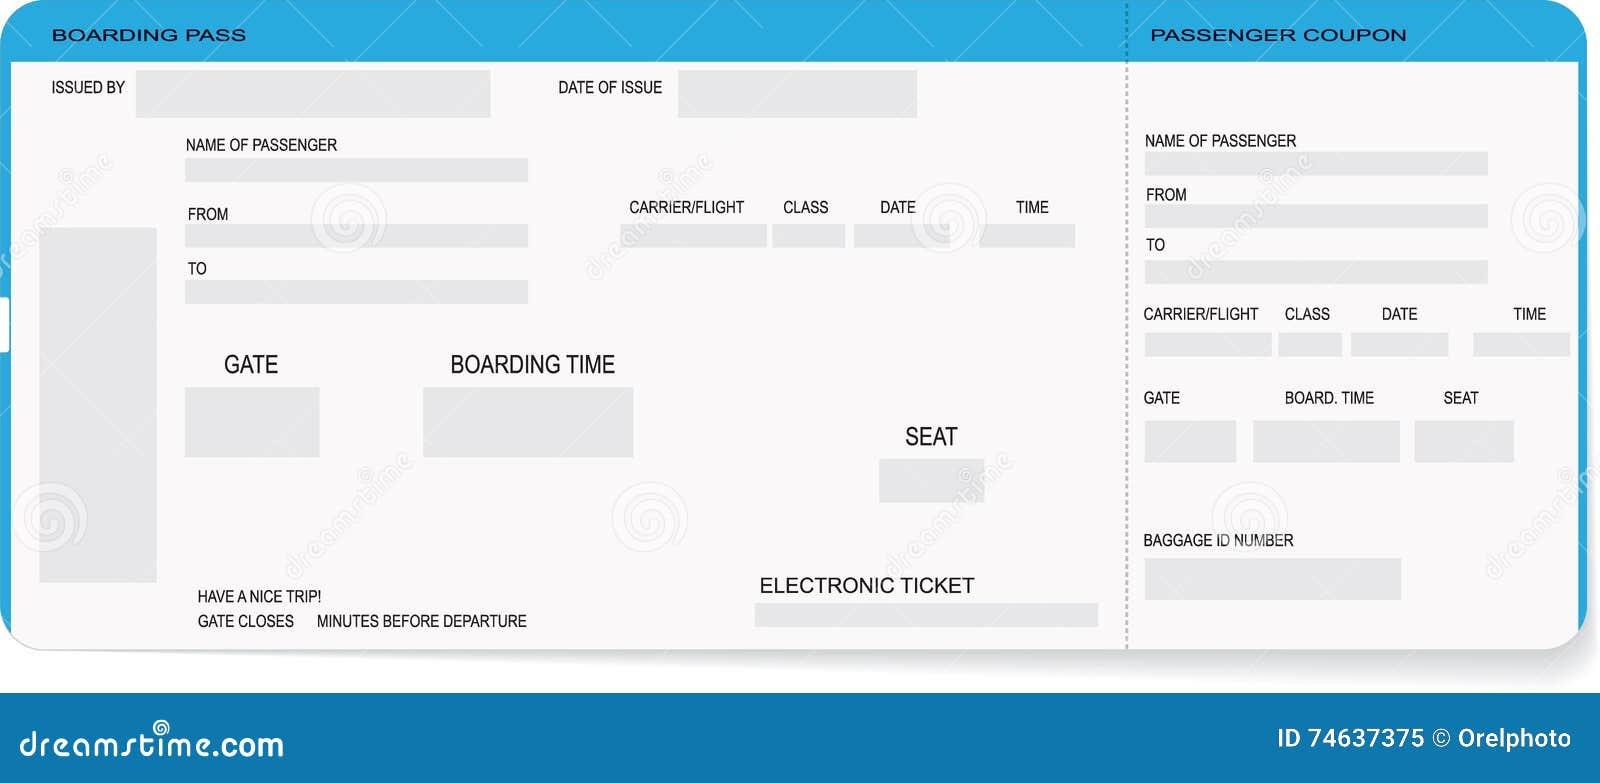 Gemütlich Kostenlose Bordkarte Vorlage Bilder - Entry Level Resume ...